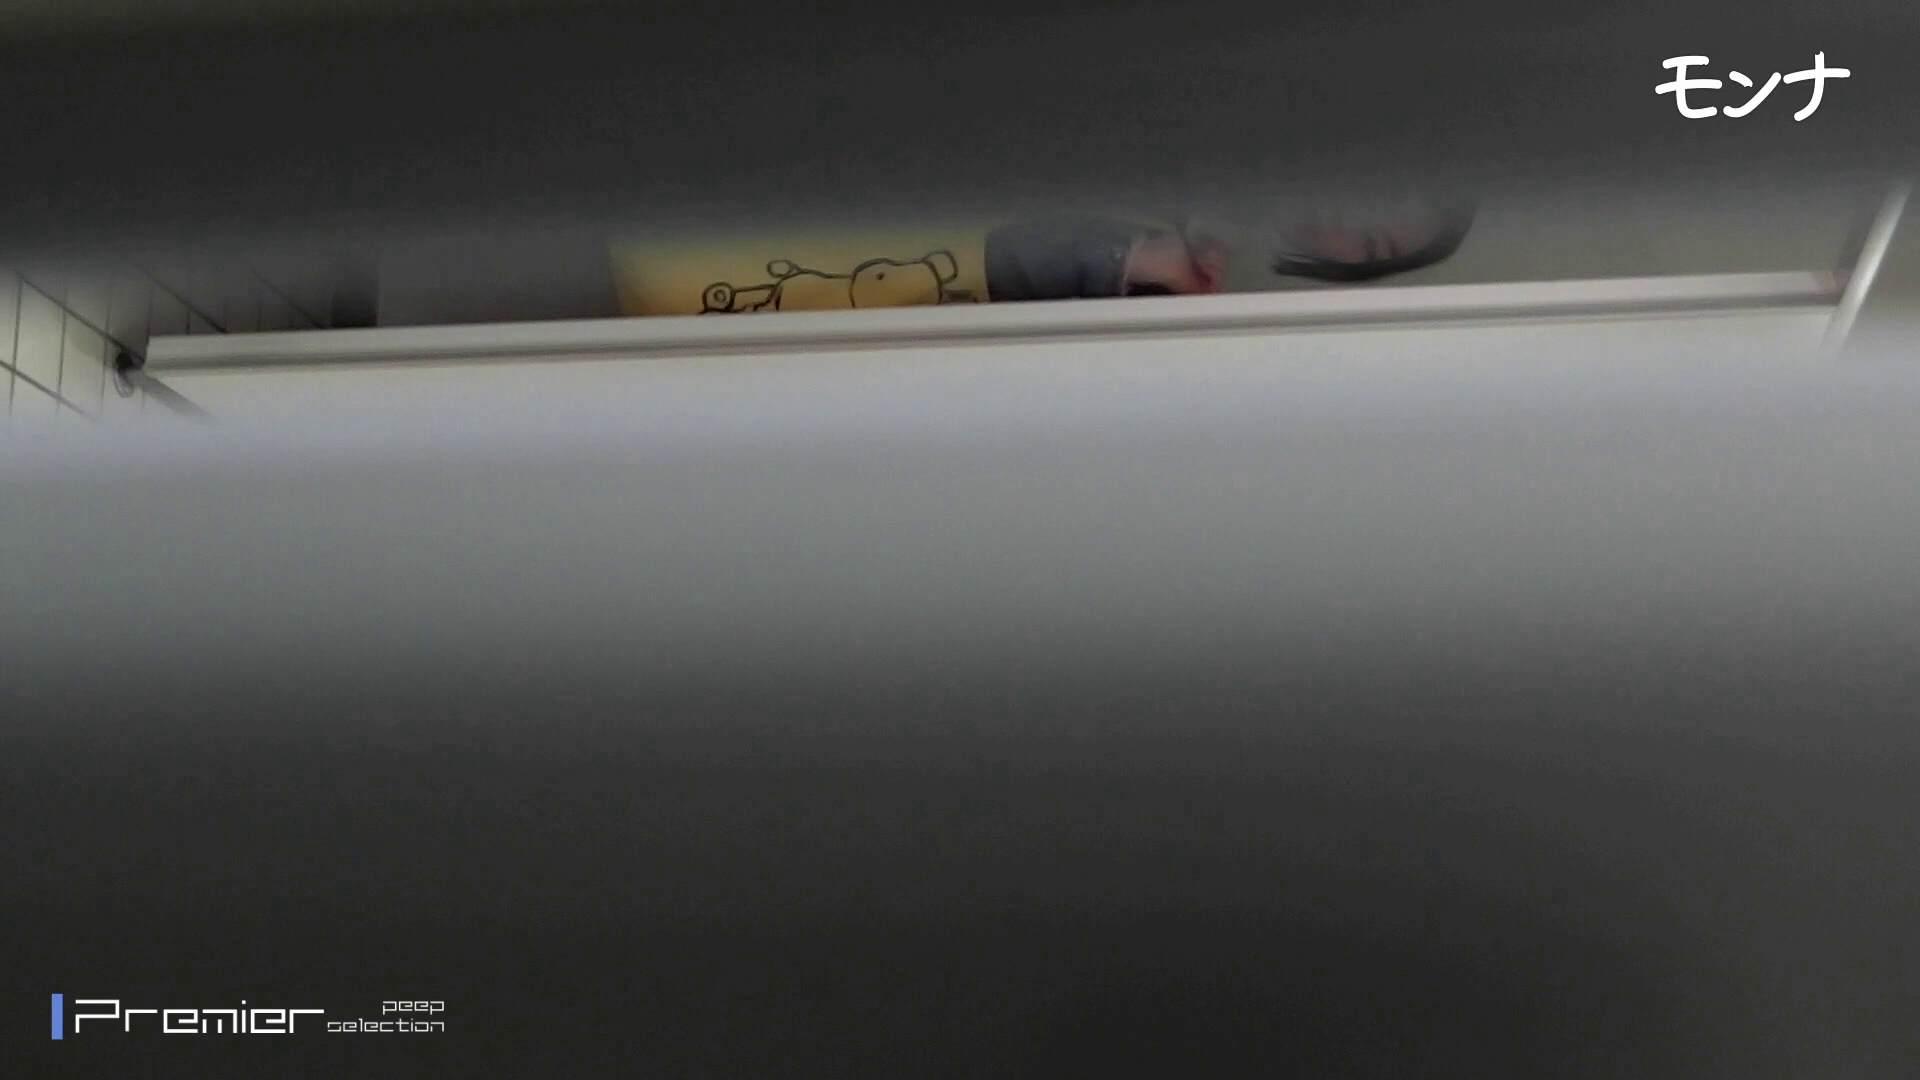 エッチ 熟女|CM 清楚なお女市さんから流れる綺麗な聖水【美しい日本の未来 No.125】|怪盗ジョーカー